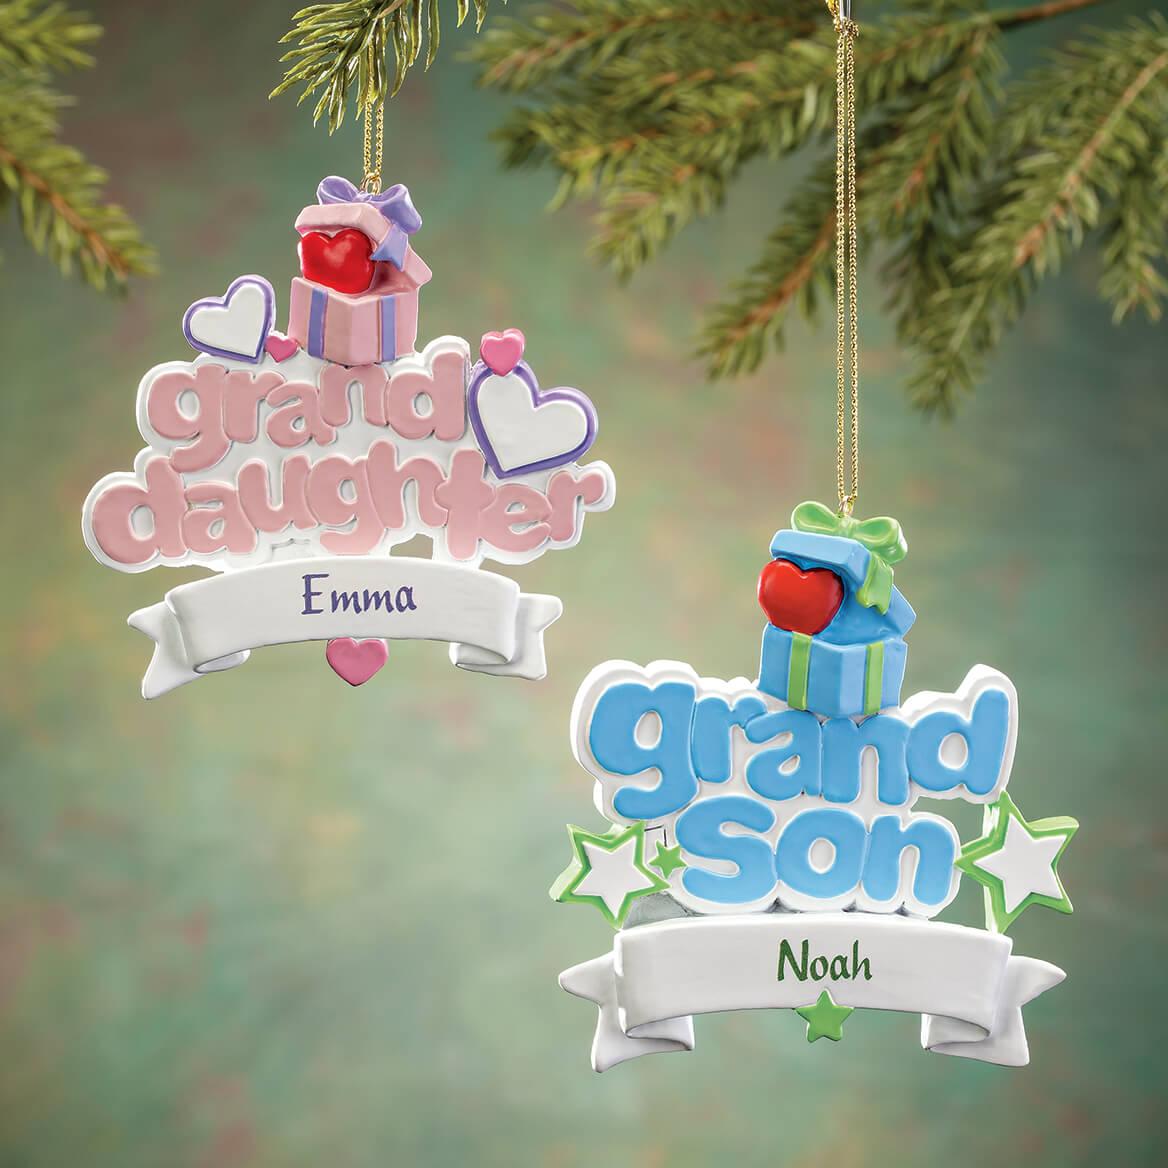 Personalized Grandson Ornament-368193